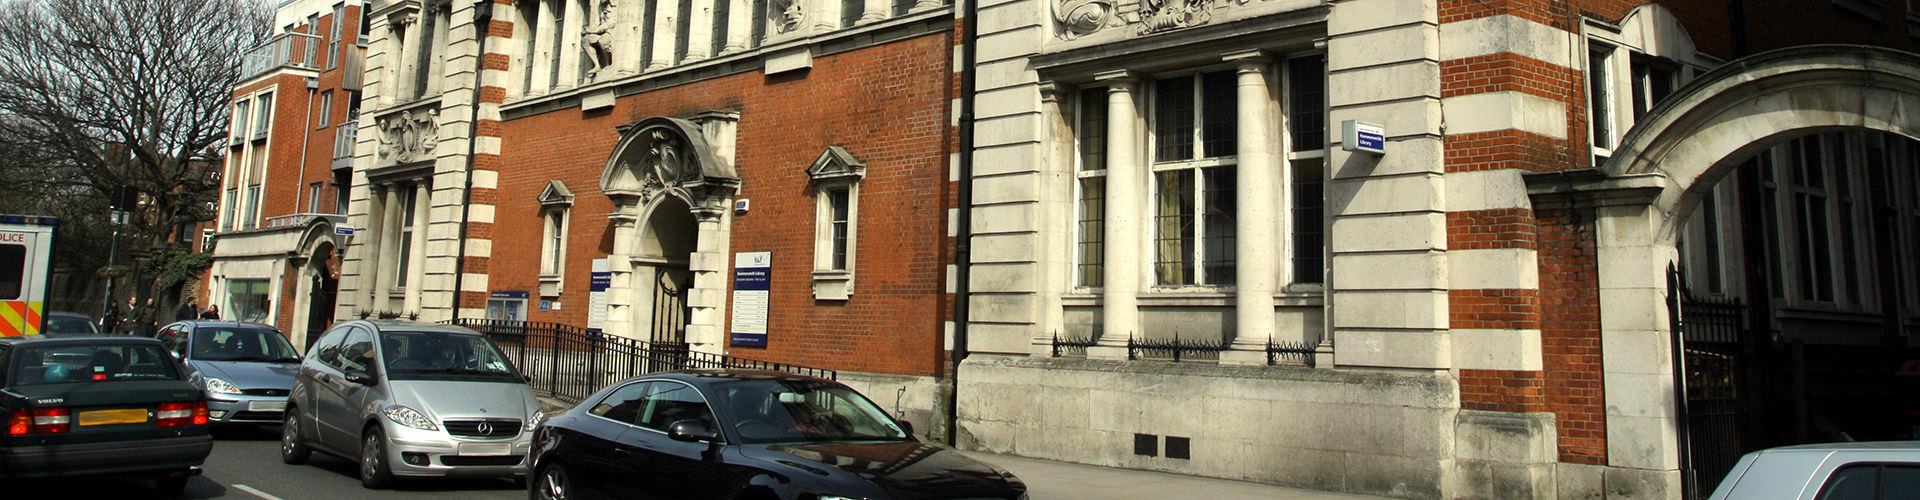 Meilleure Auberge De Jeunesse Londres #13: Cartes Pour Londres, Photos Et Commentaires Pour Chaque Auberge De Jeunesse  à Londres.